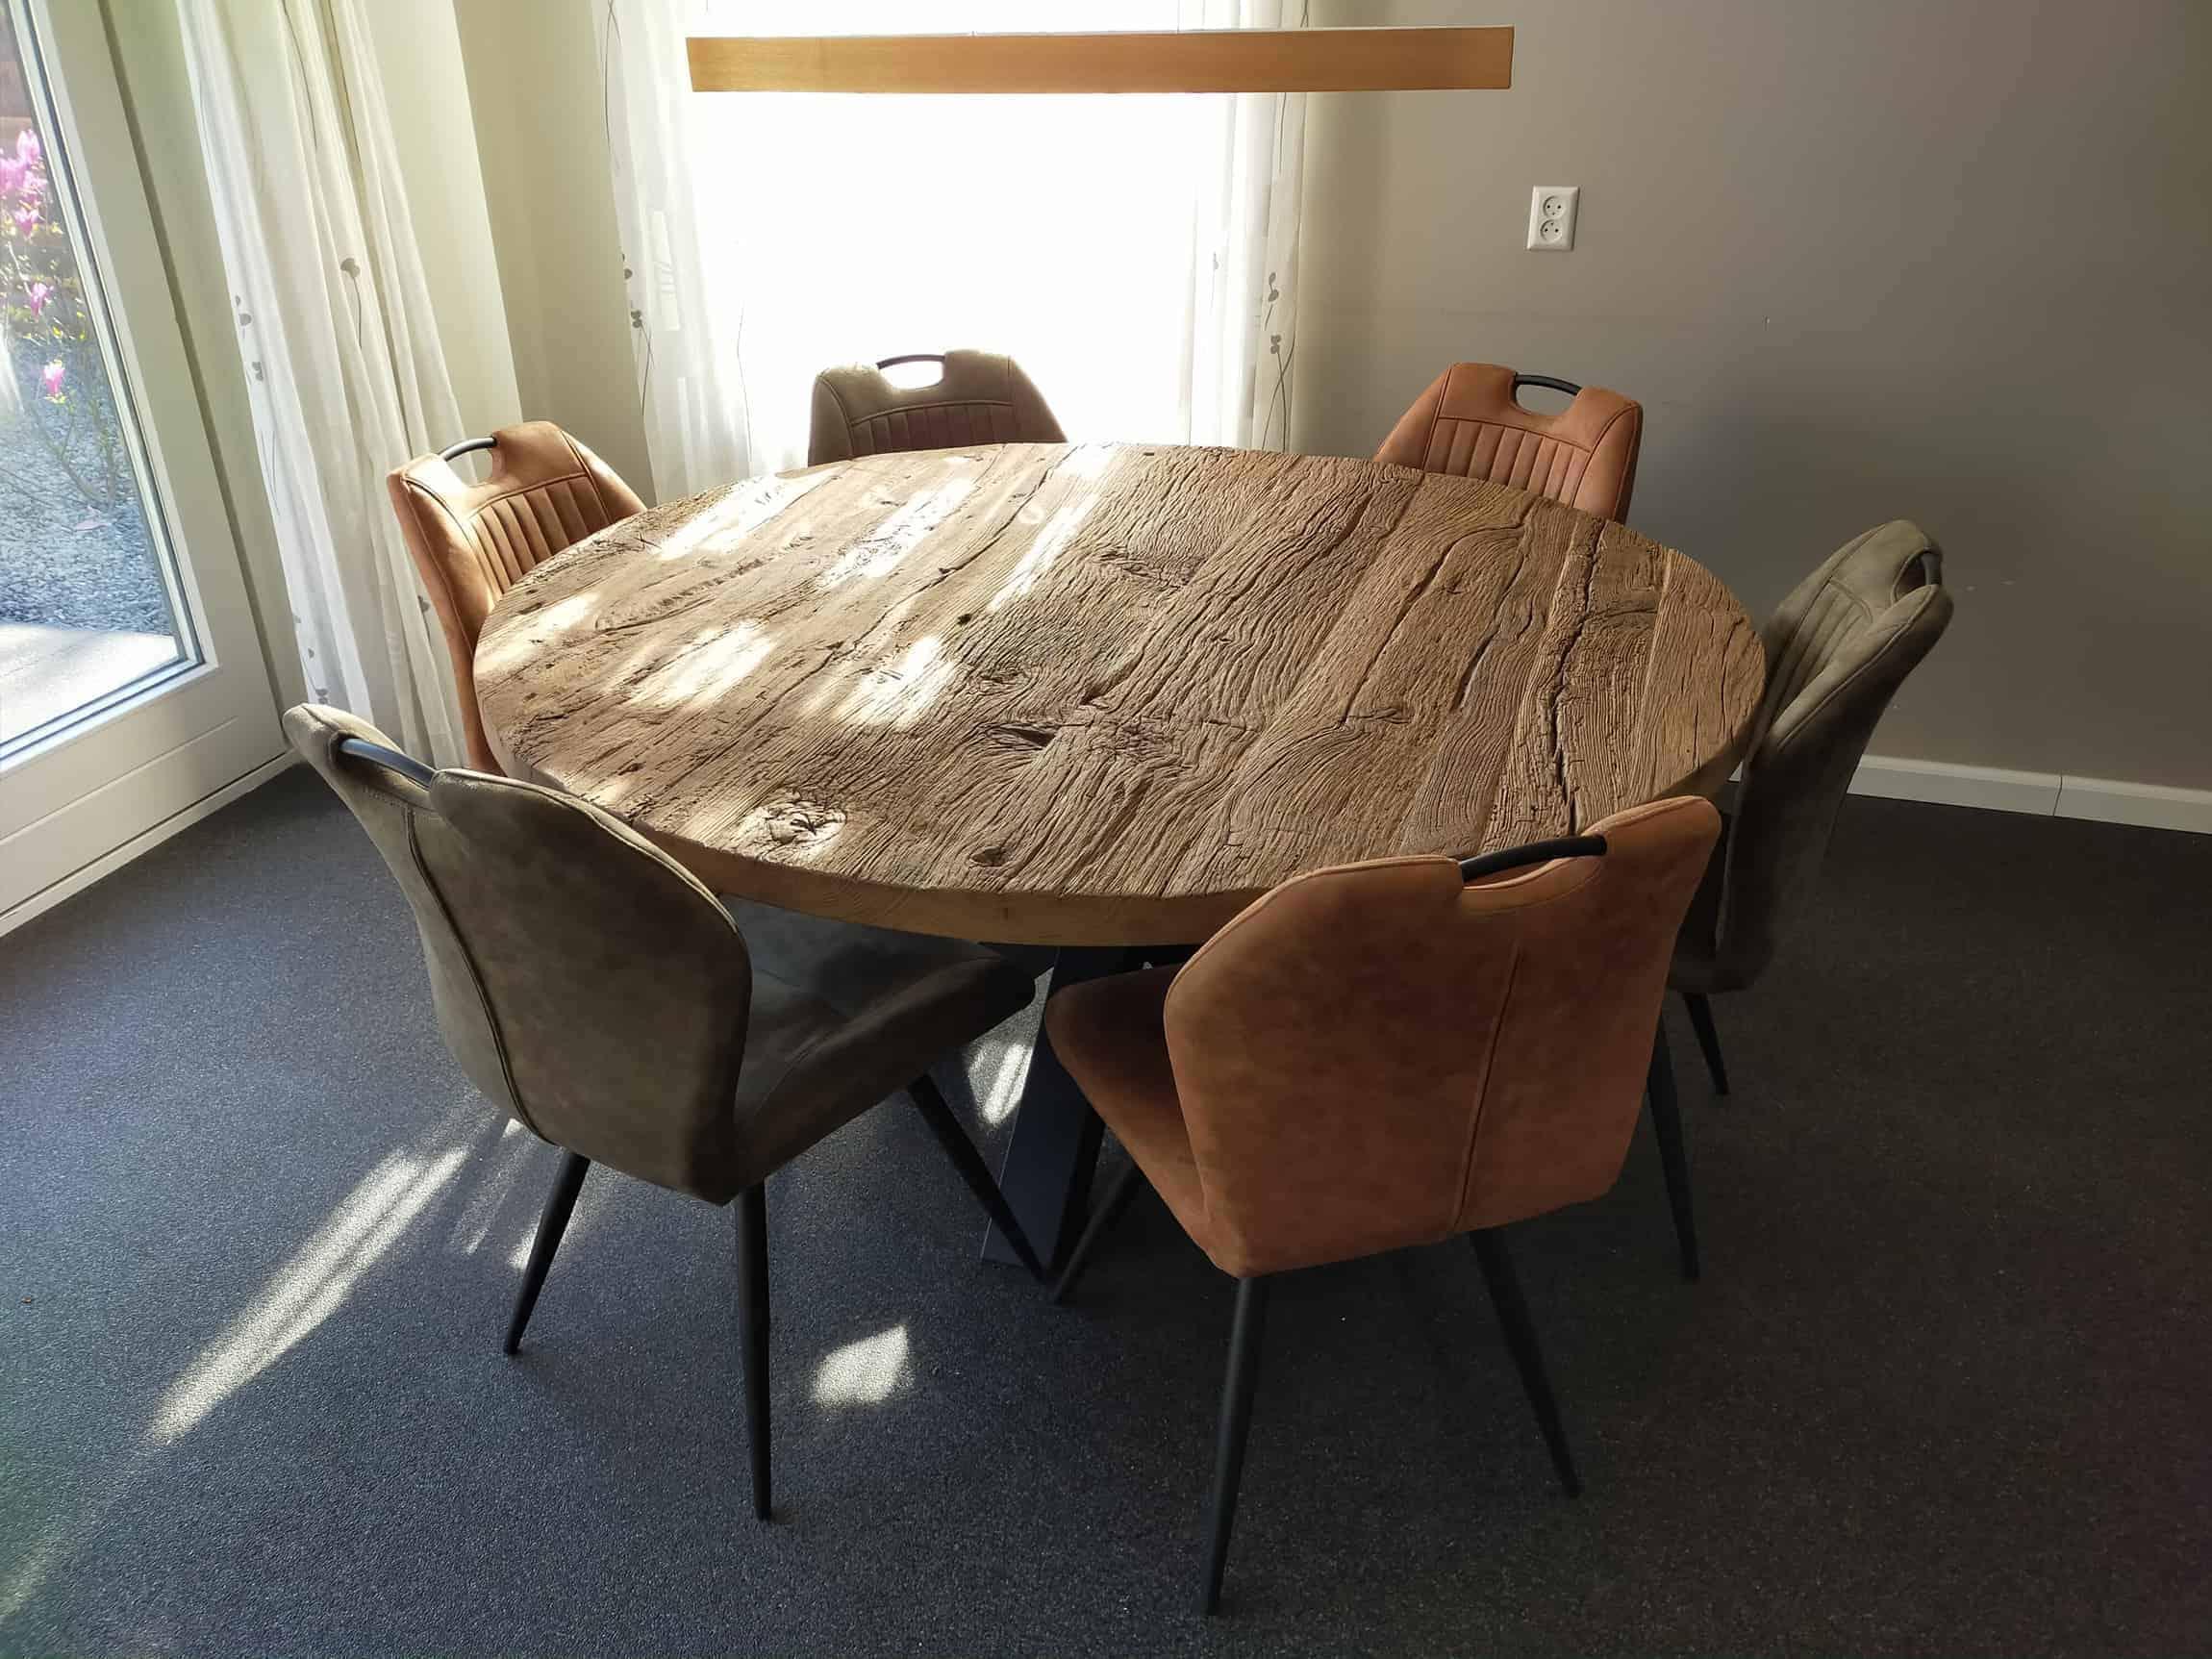 Ronde robuust oud eiken tafel diameter 160 cm met stalen spinpoot. Afwerking; geborsteld en matte lak.